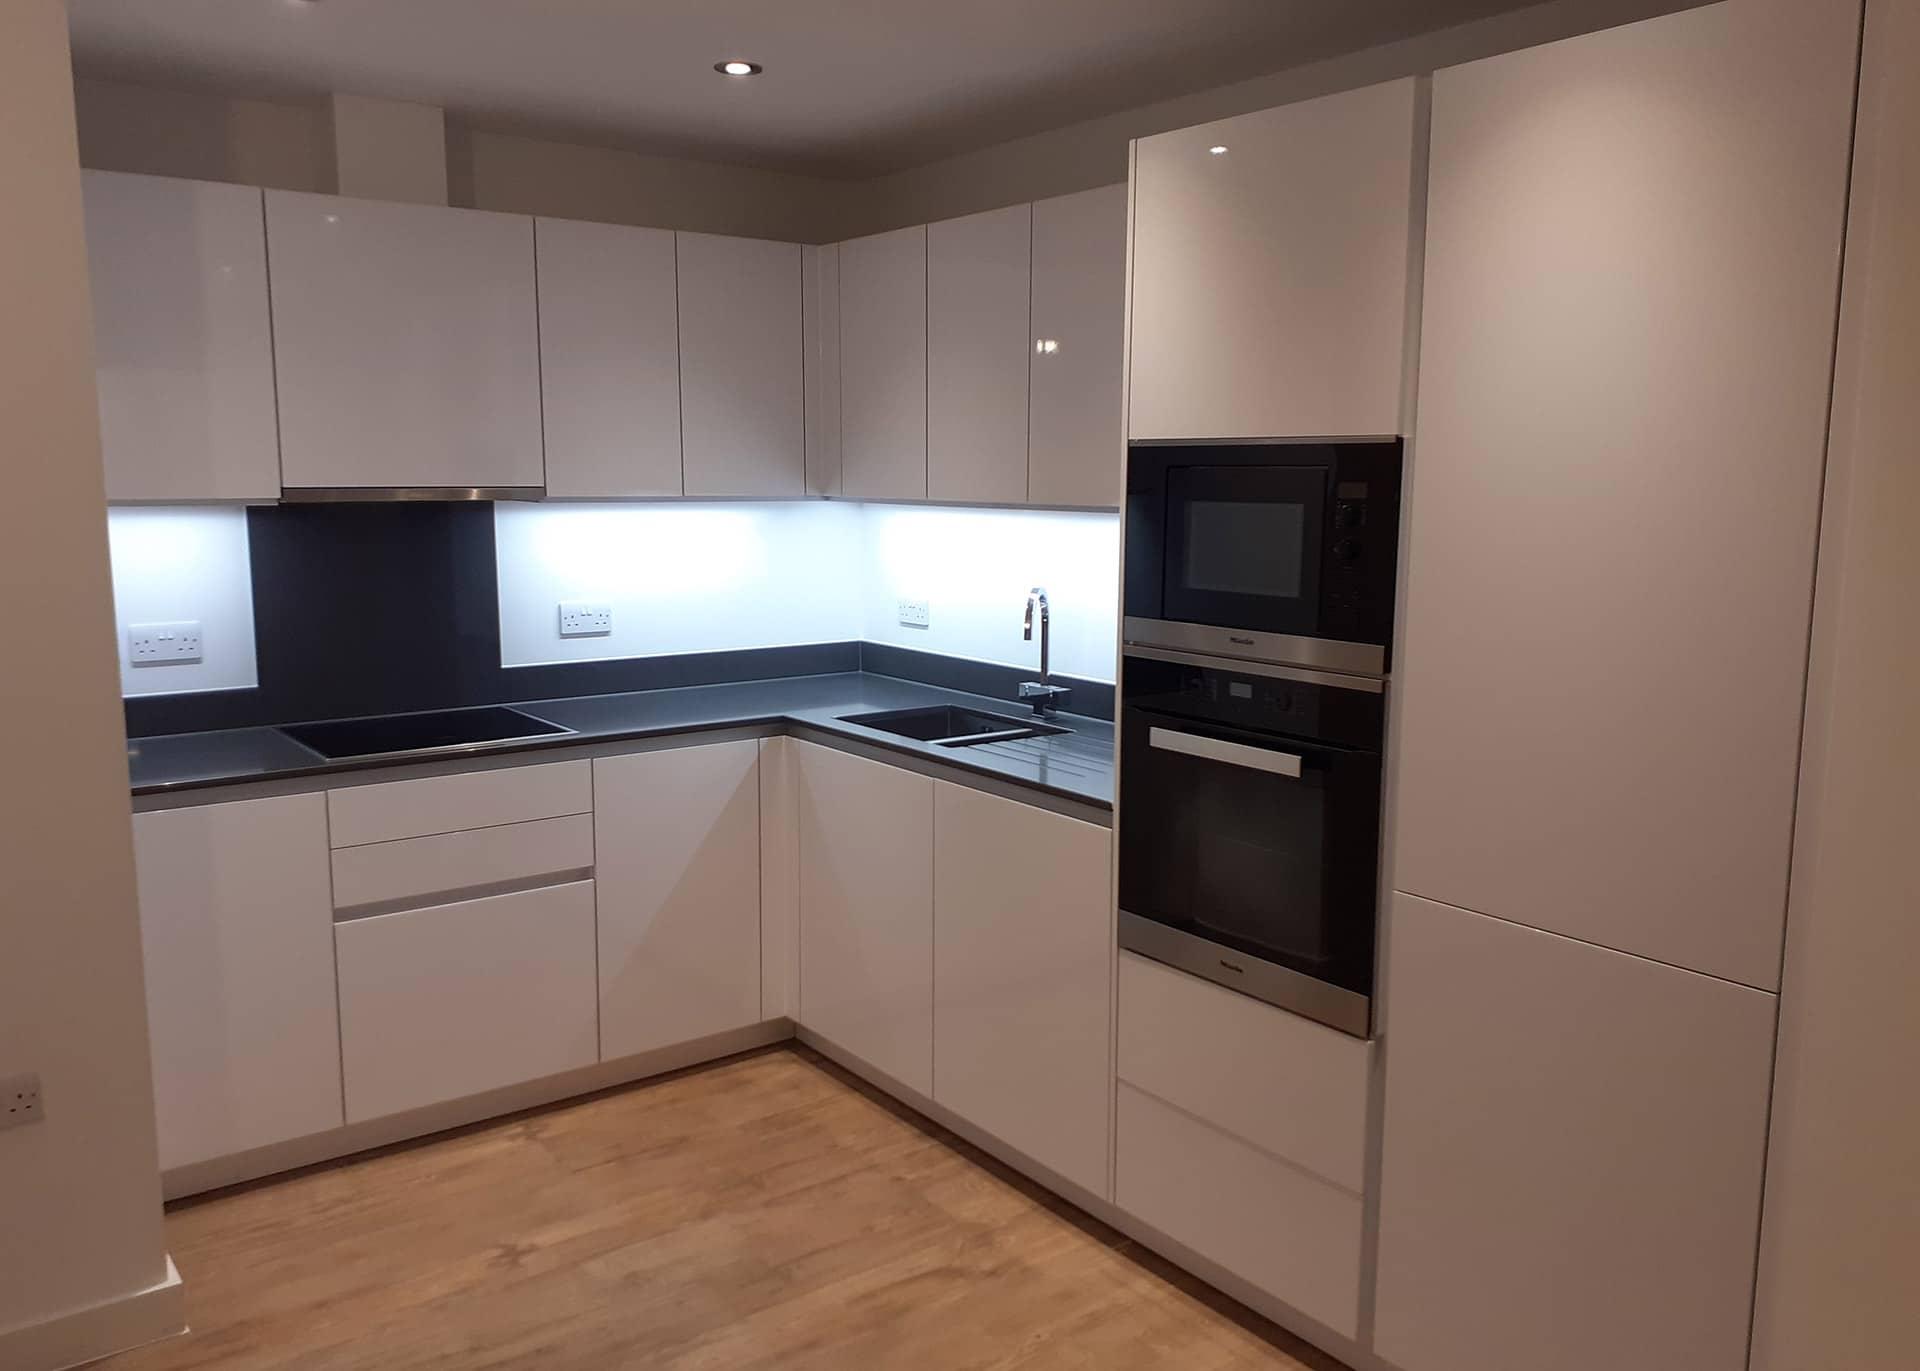 w1 apartment 501 Westmount kitchen